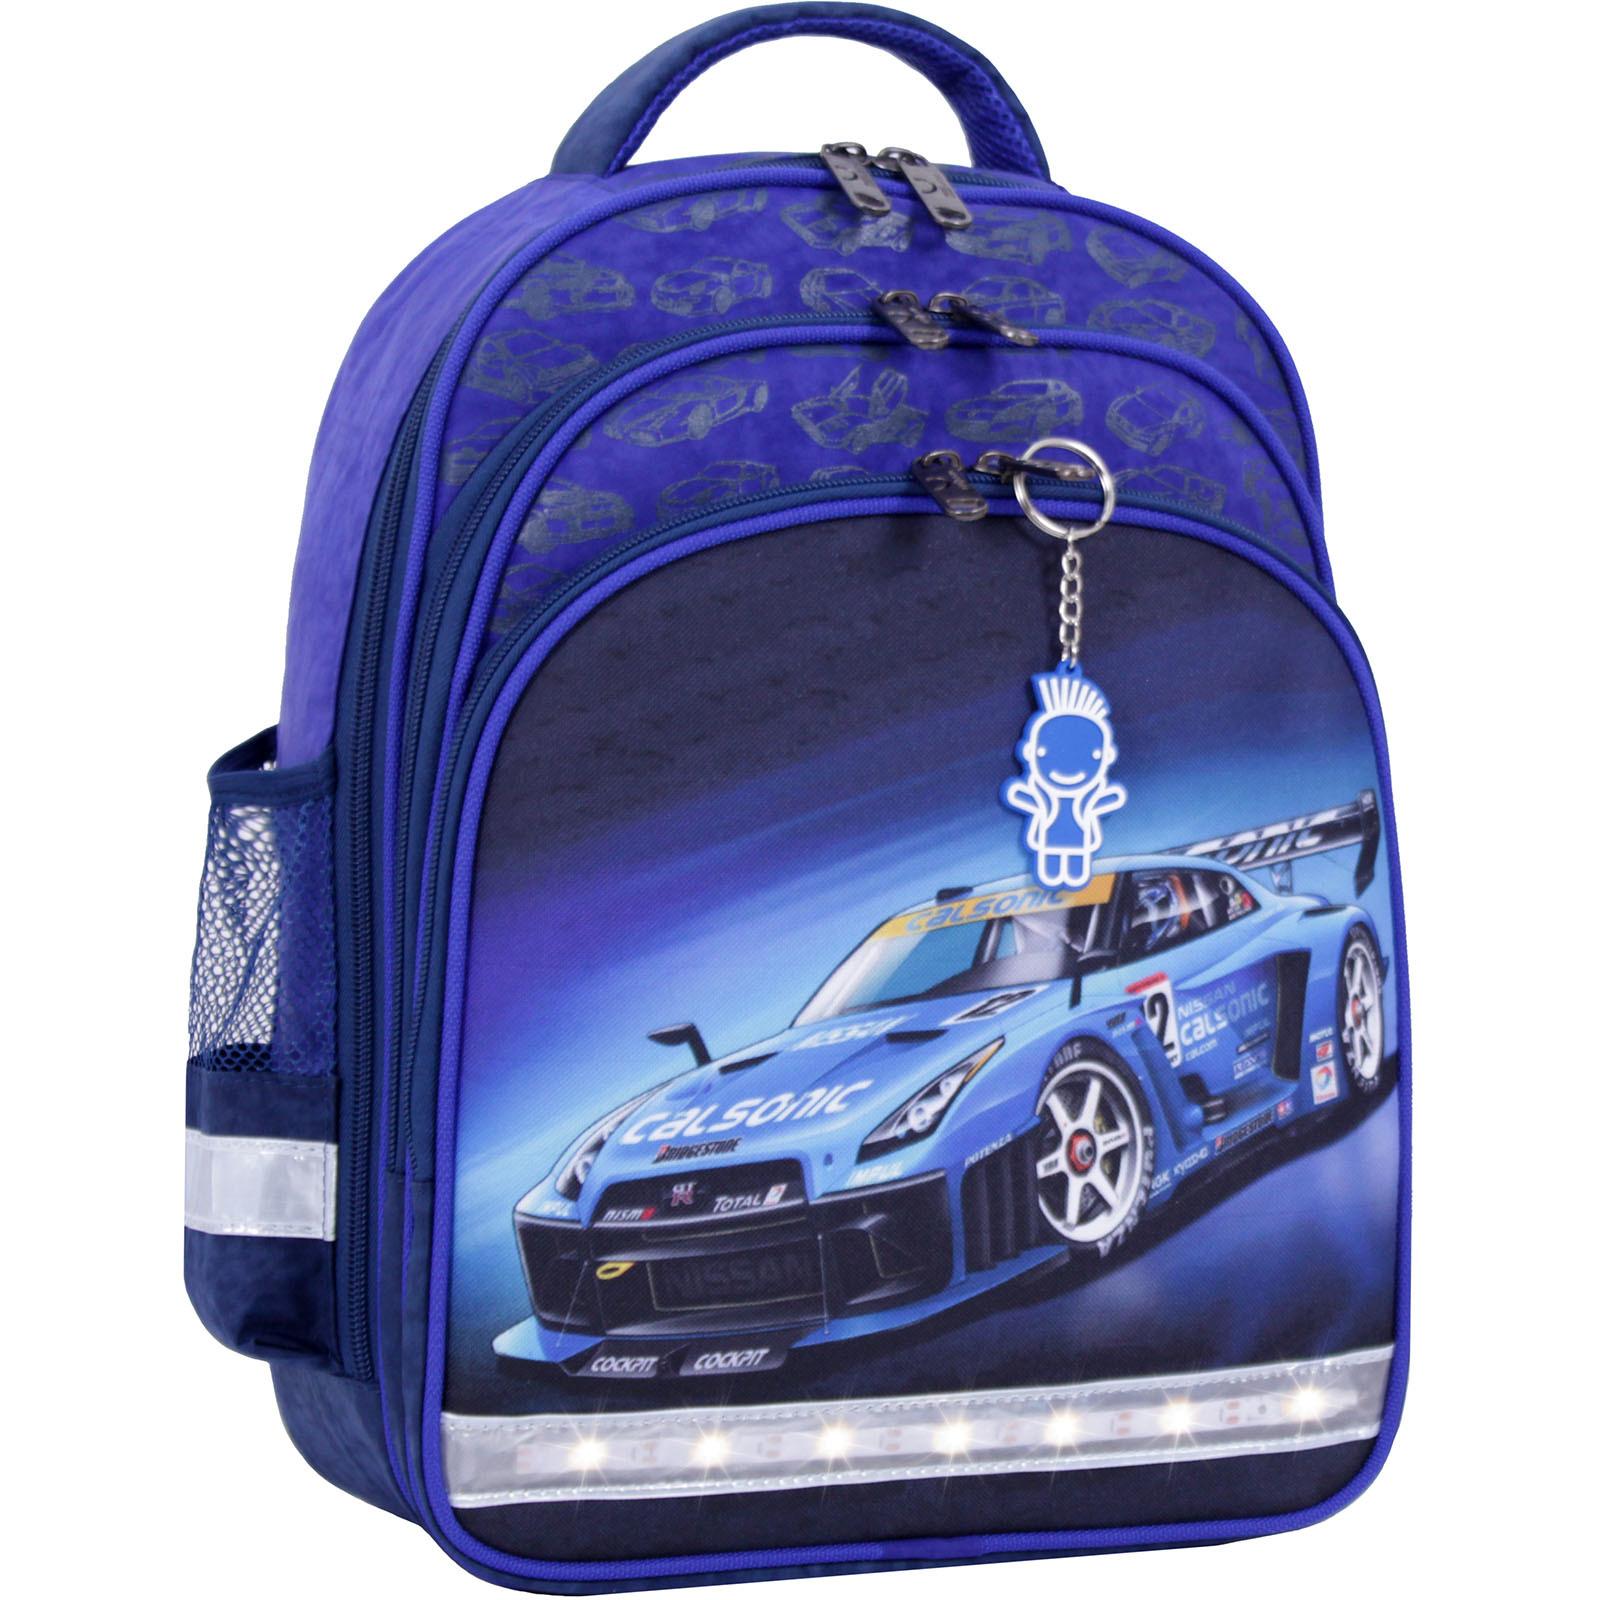 Рюкзак школьный Bagland Mouse 225 синий 56м (0051370) фото 2